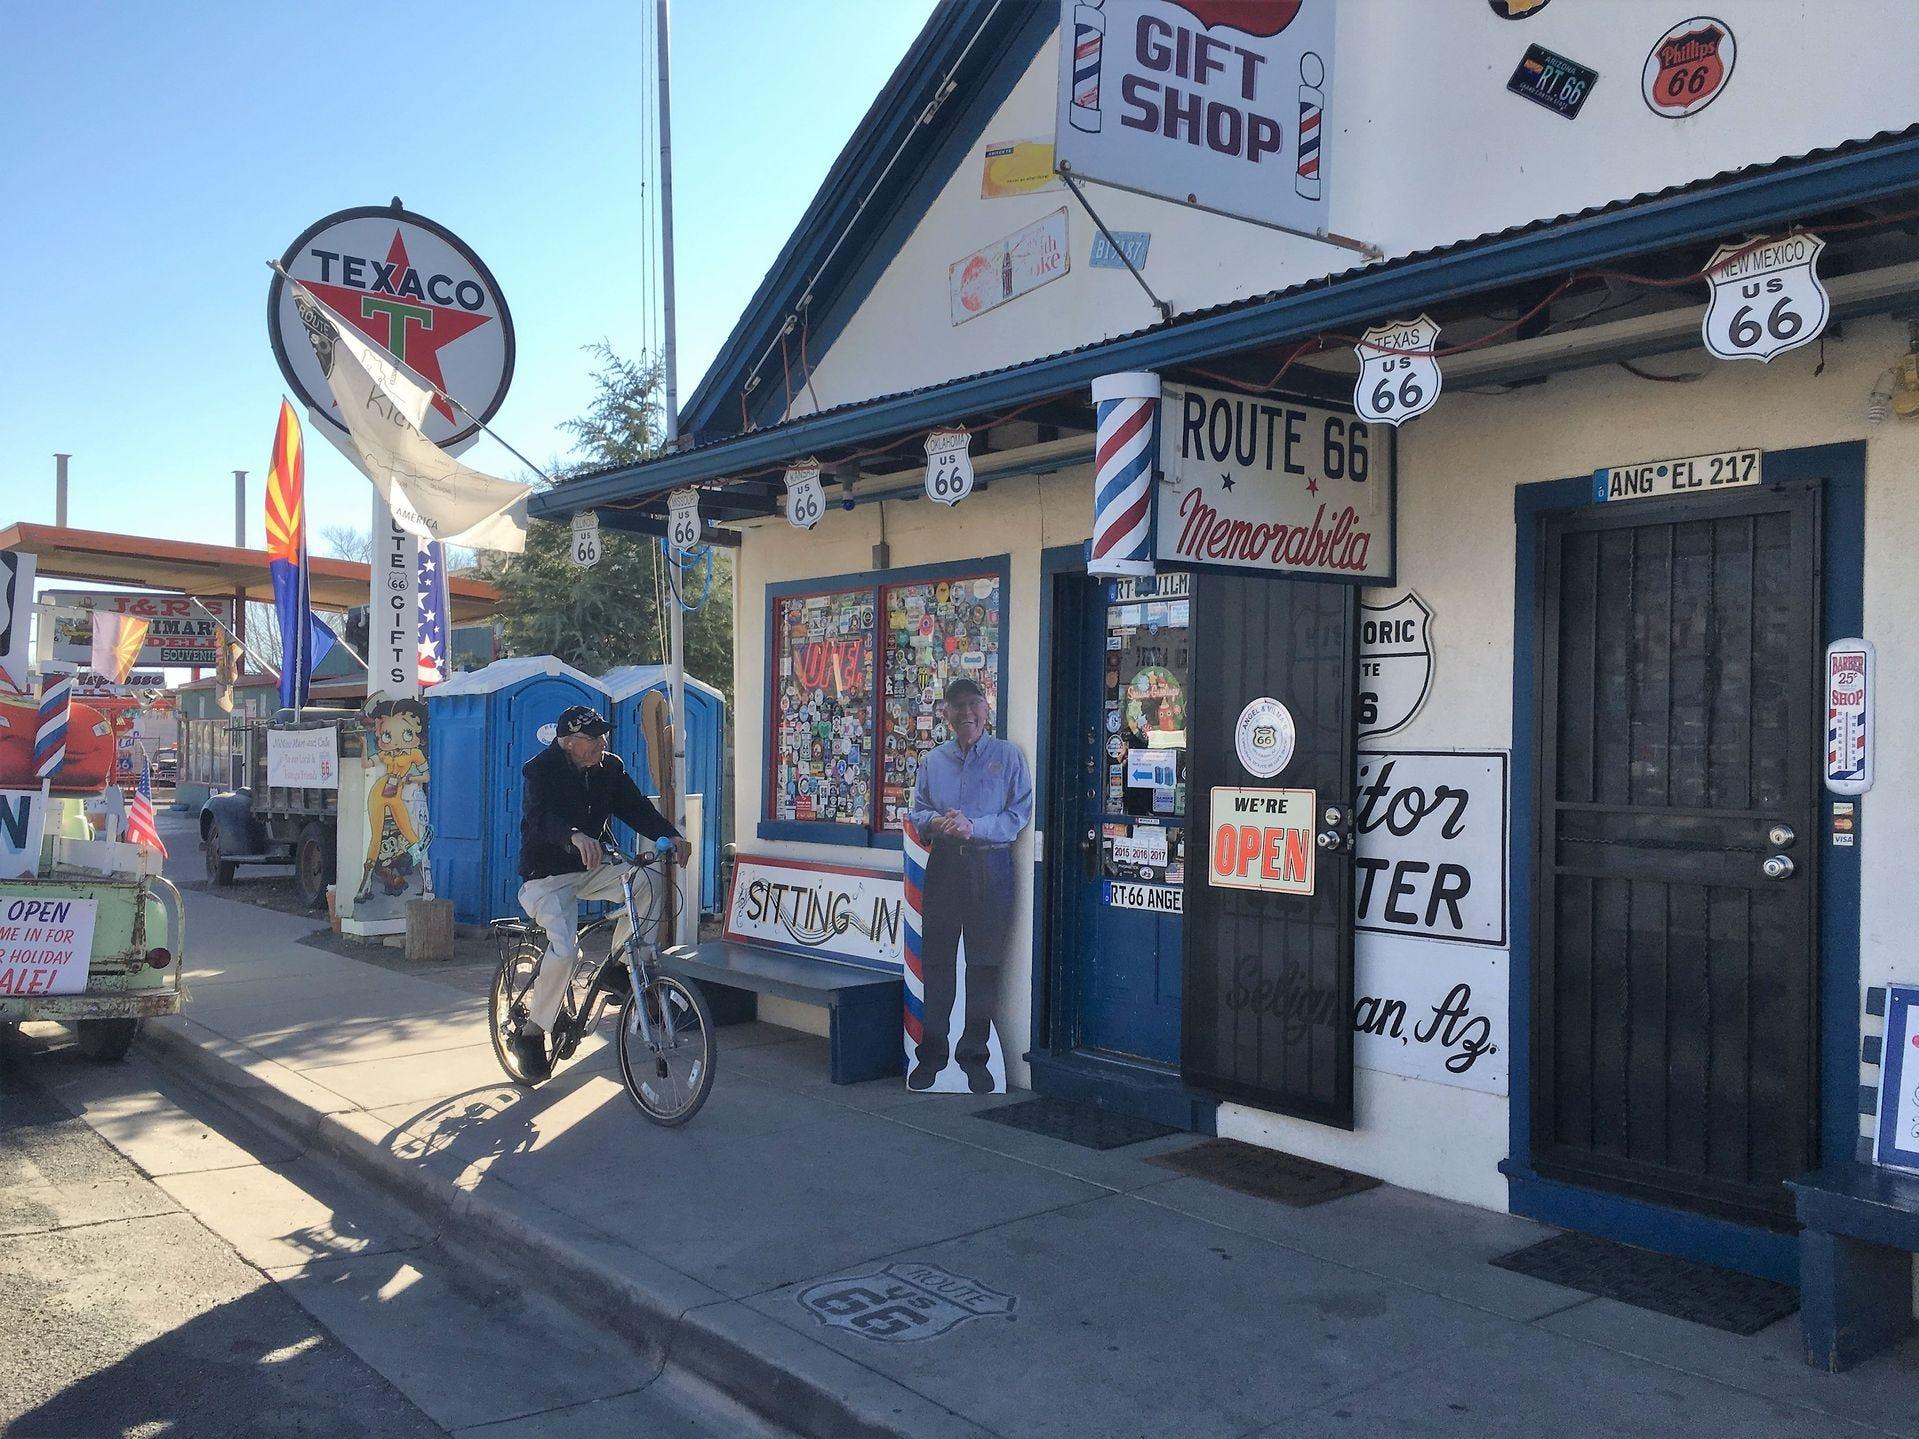 Angel Delgadillo viaja a su tienda de regalos, que está a solo dos cuadras de su casa.